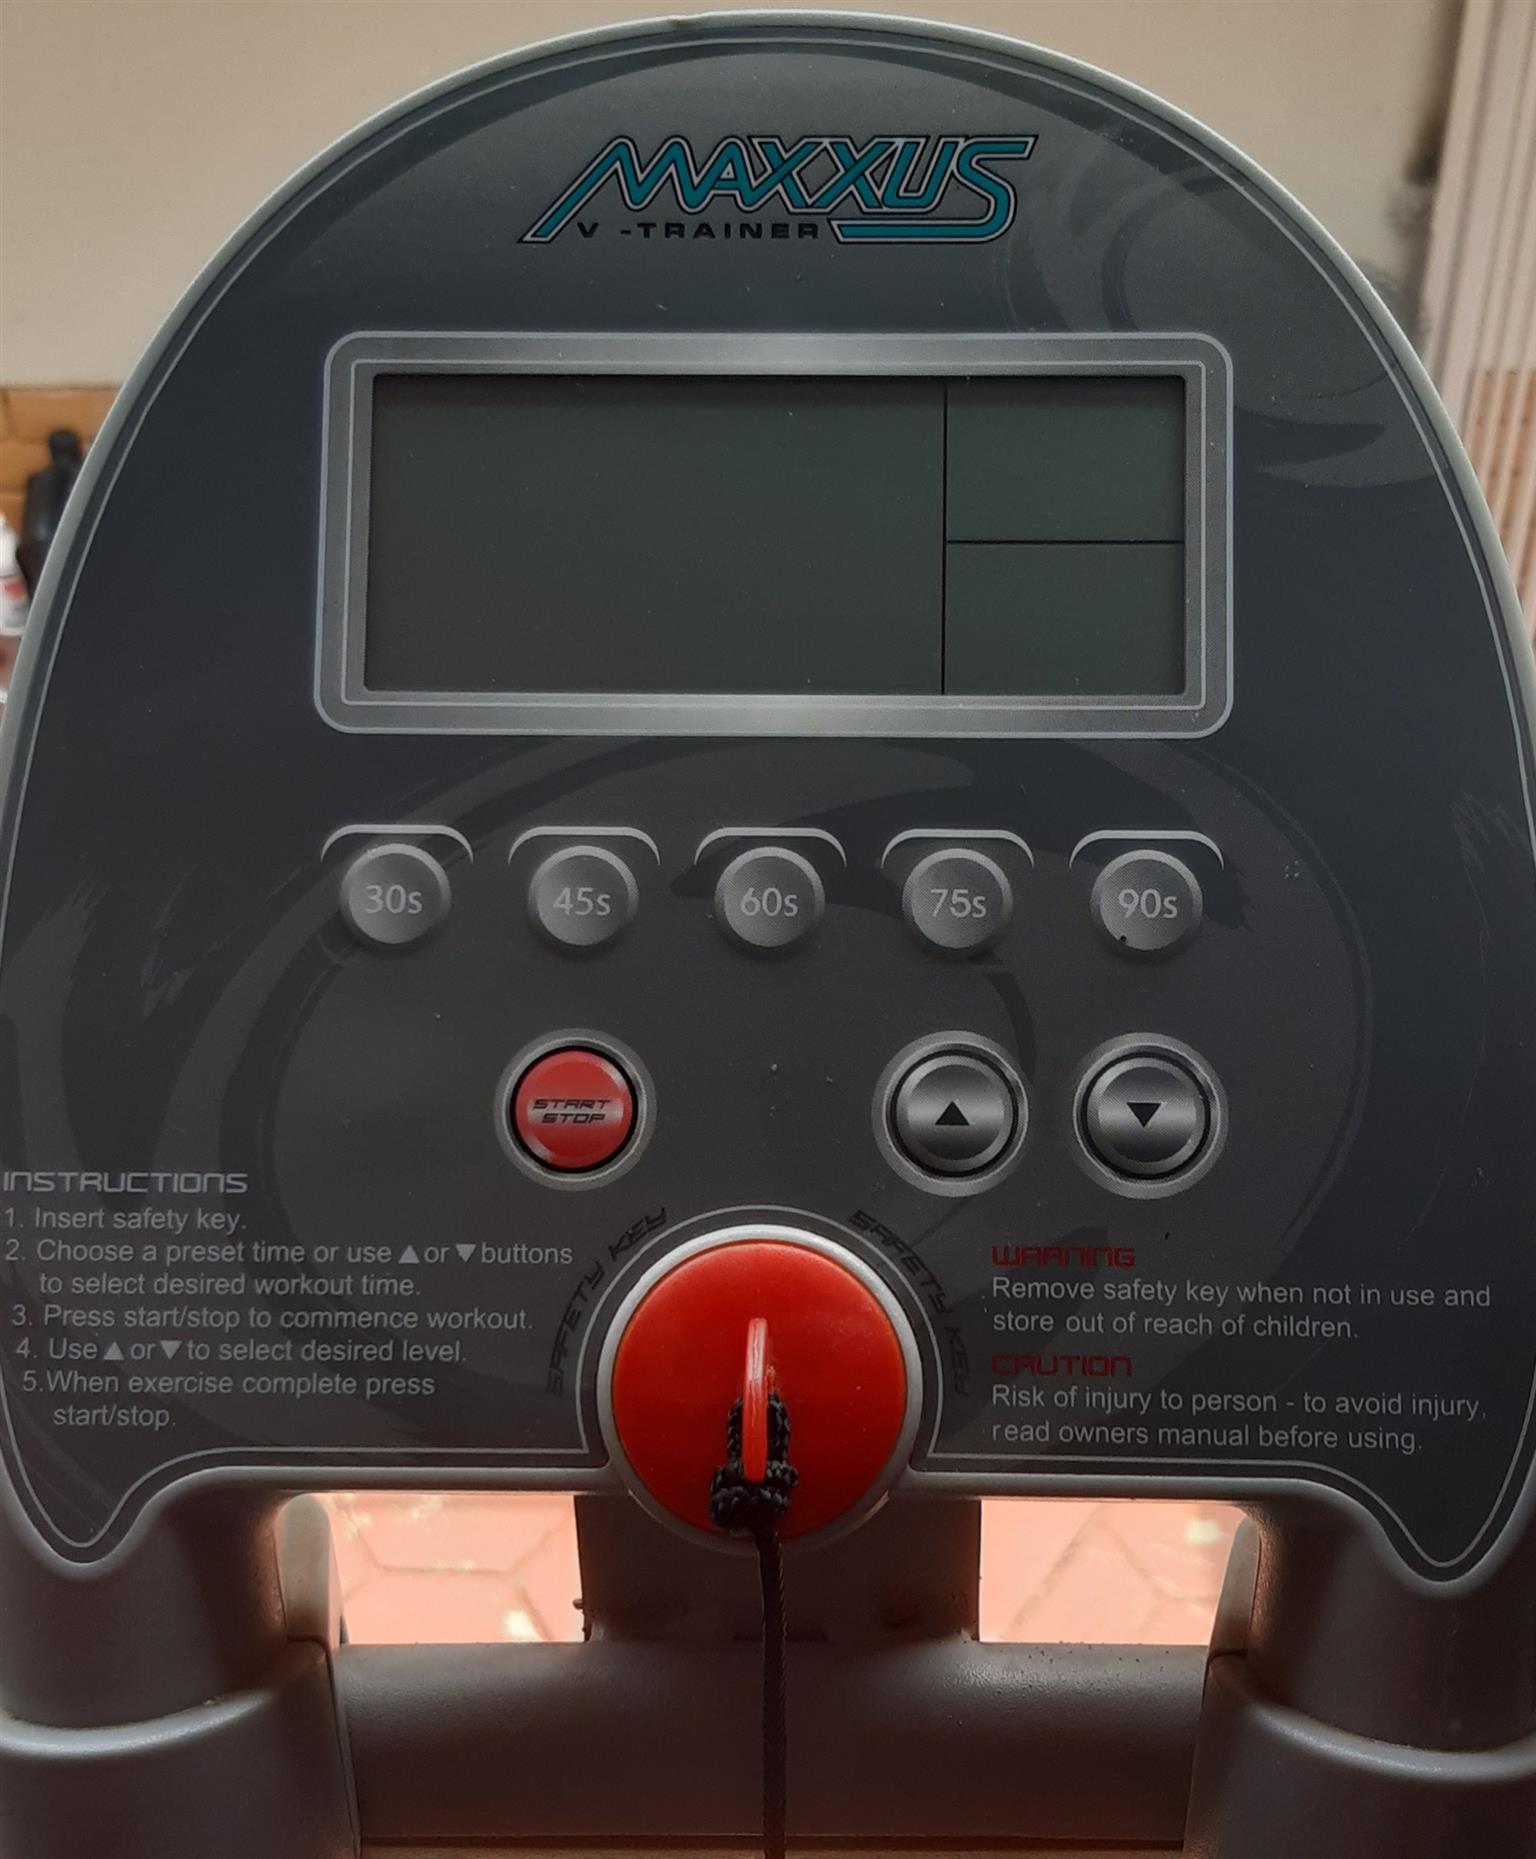 Maxxus V vibrator trainer